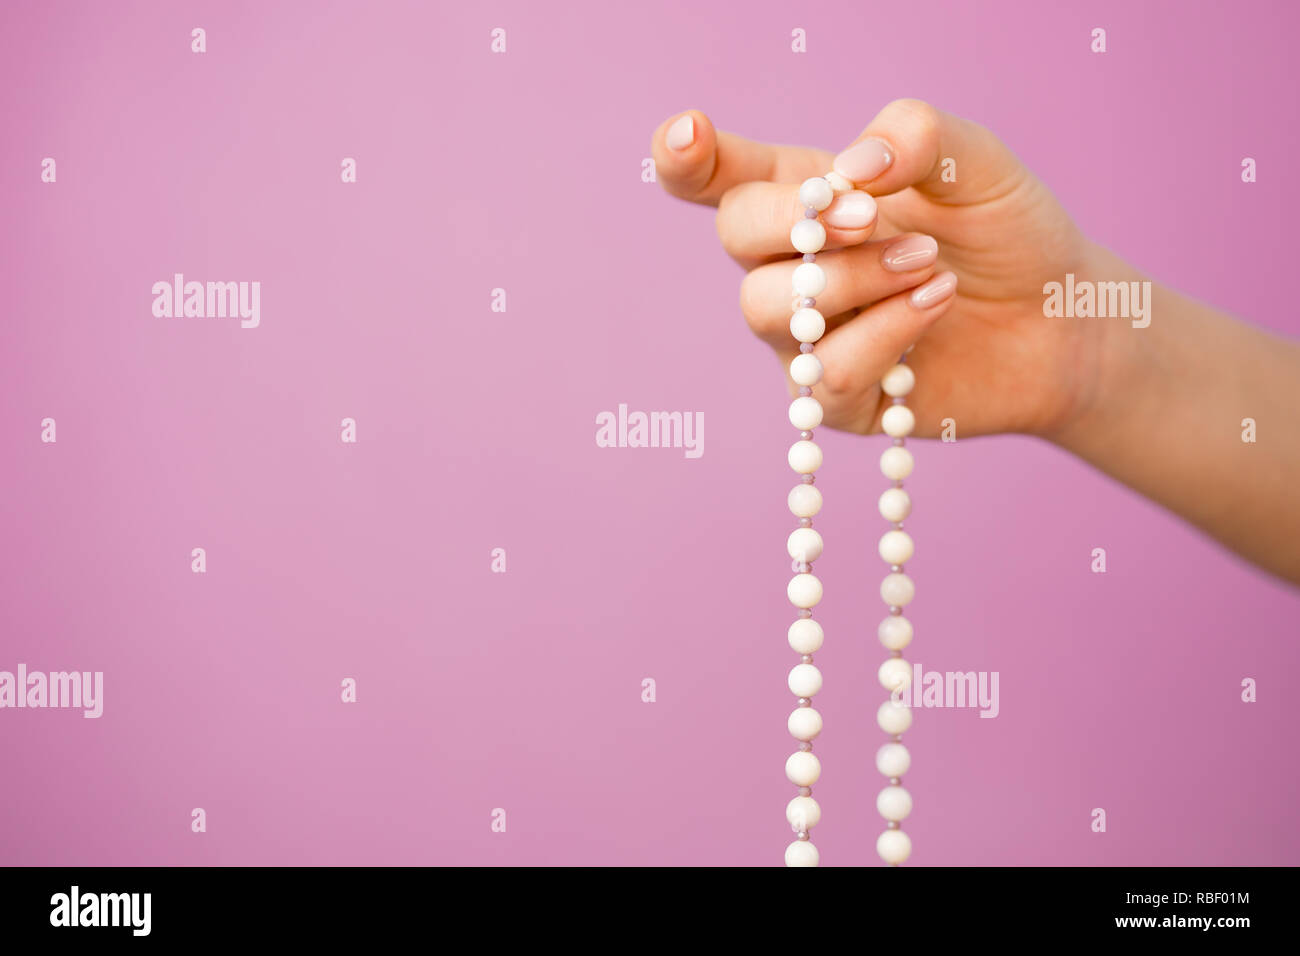 Frau, Hand leuchtet, zählt Malas, Stränge Edelsteine Perlen für das Halten zählen während mantra Meditationen auf rosa Hintergrund verwendet Stockfoto